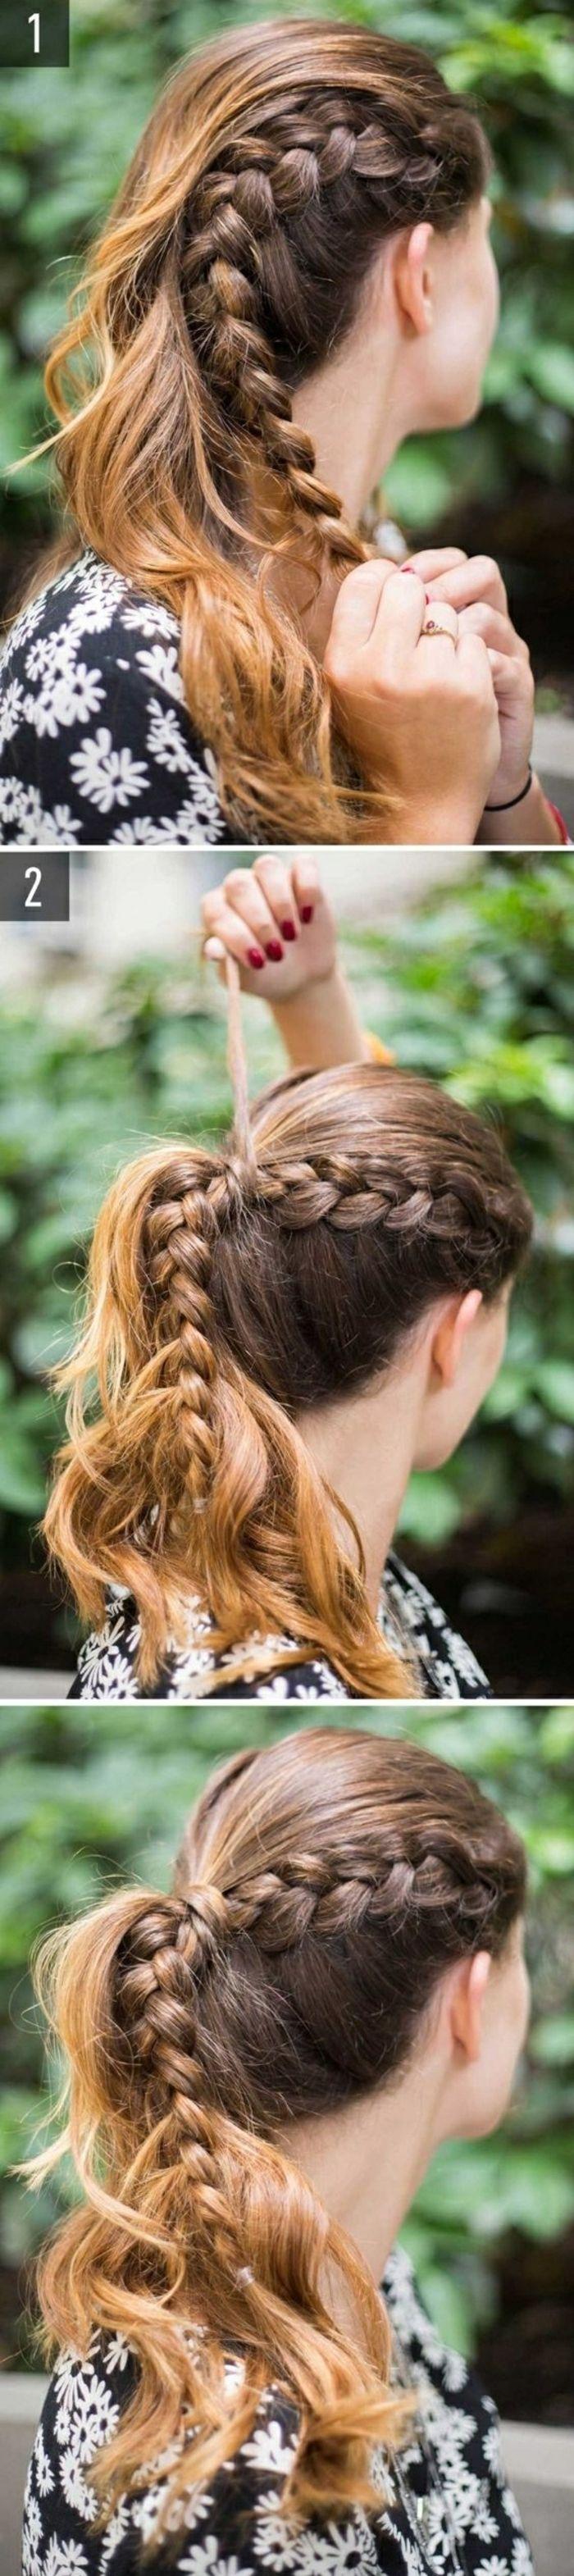 femme viking, cheveux brunes avec mèches cuivrées, tresse sur le côté, manucure rouge